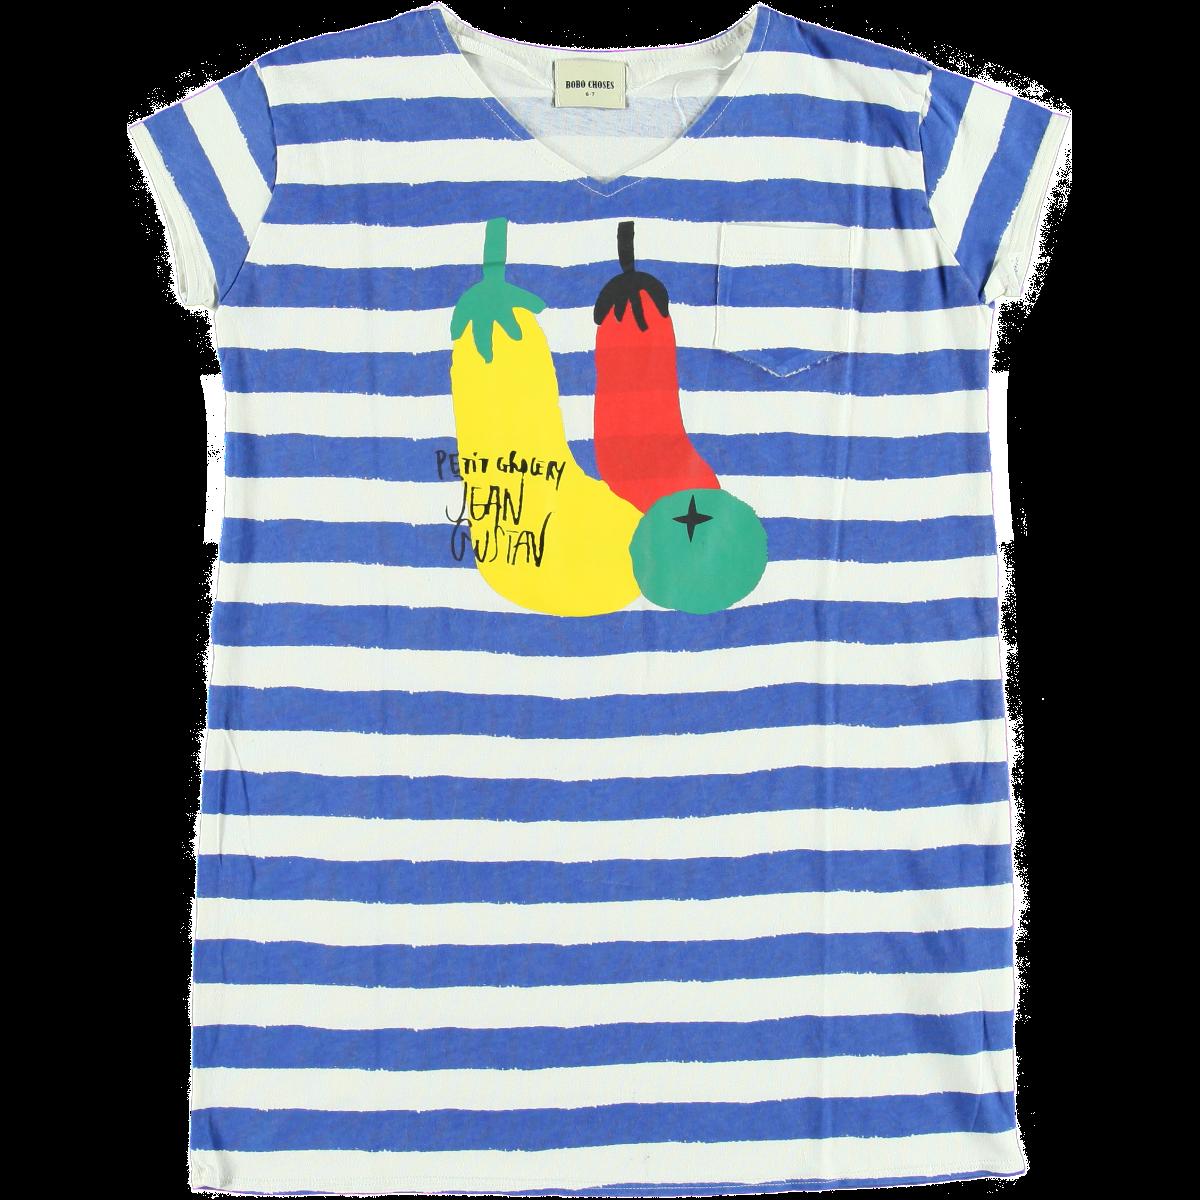 Jurk Stripes And Veggies Bobo Choses Daan En Lotje Https Daanenlotje Com Kids Meisjes Bobo Choses Jurk Stripes And Veggies 001421